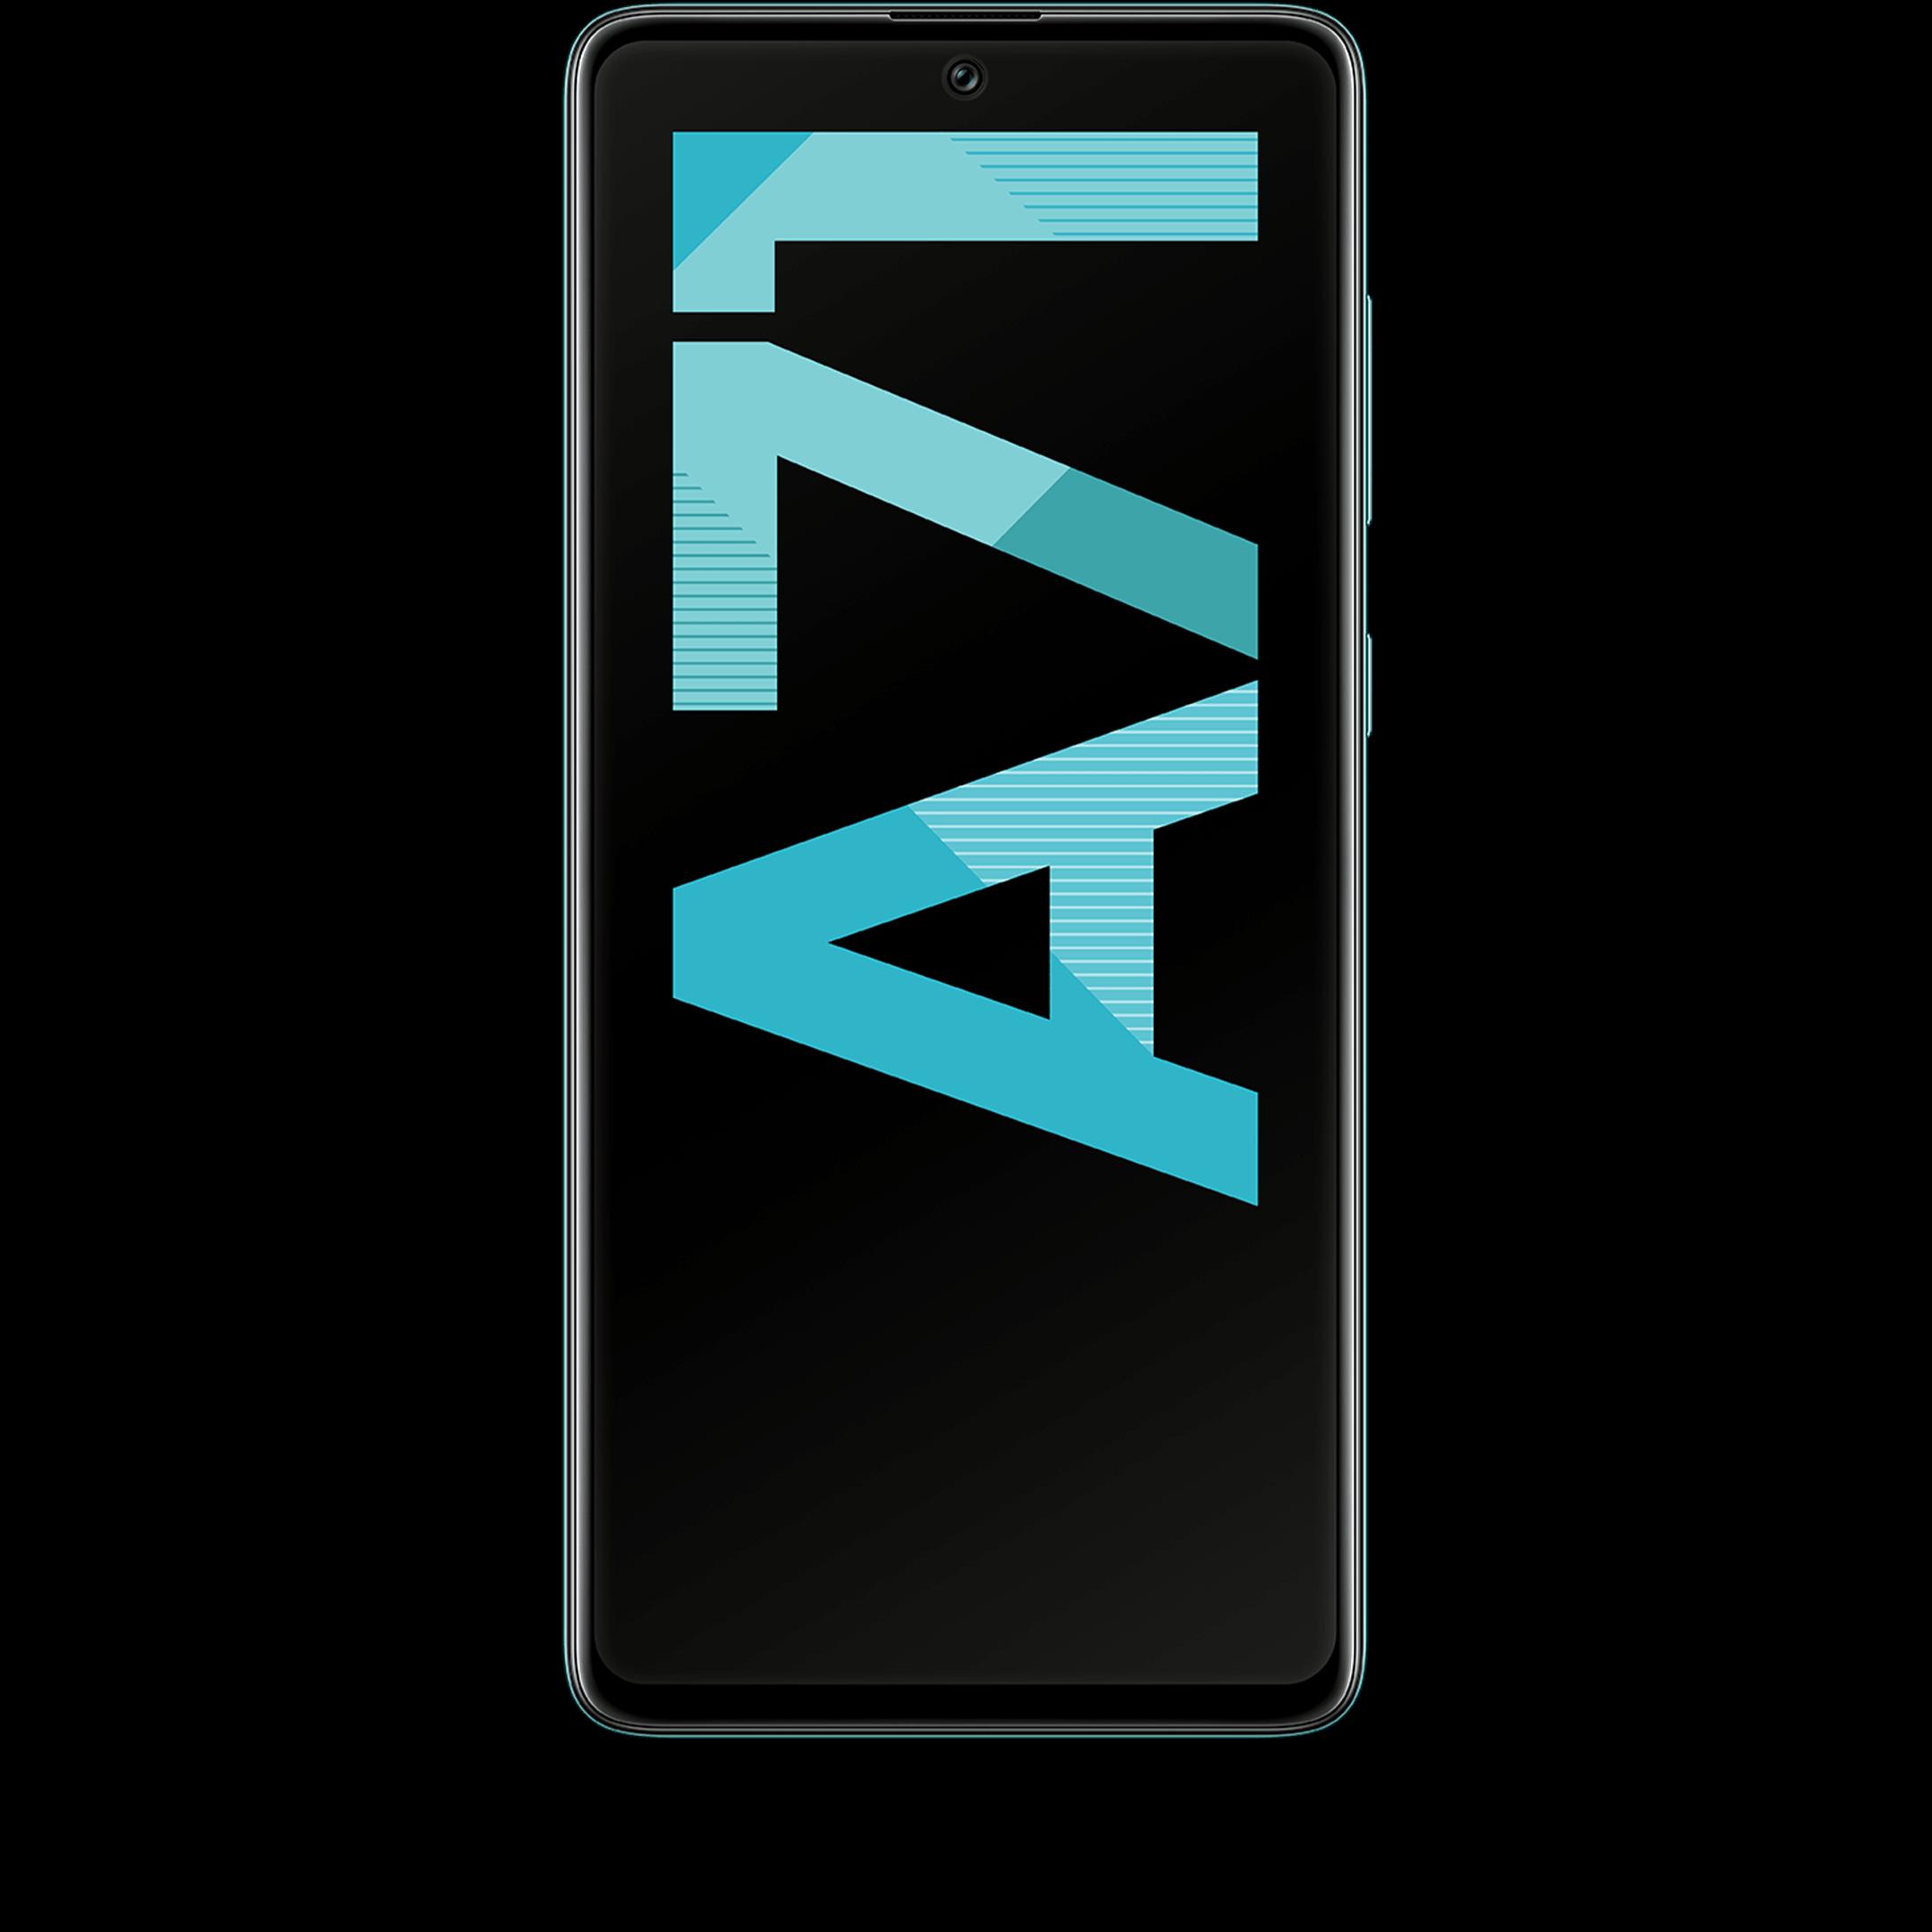 Günstig Kaufen beim Preisvergleich-Samsung Galaxy A71 128 GB prism crush blue mit Allnet Flat L